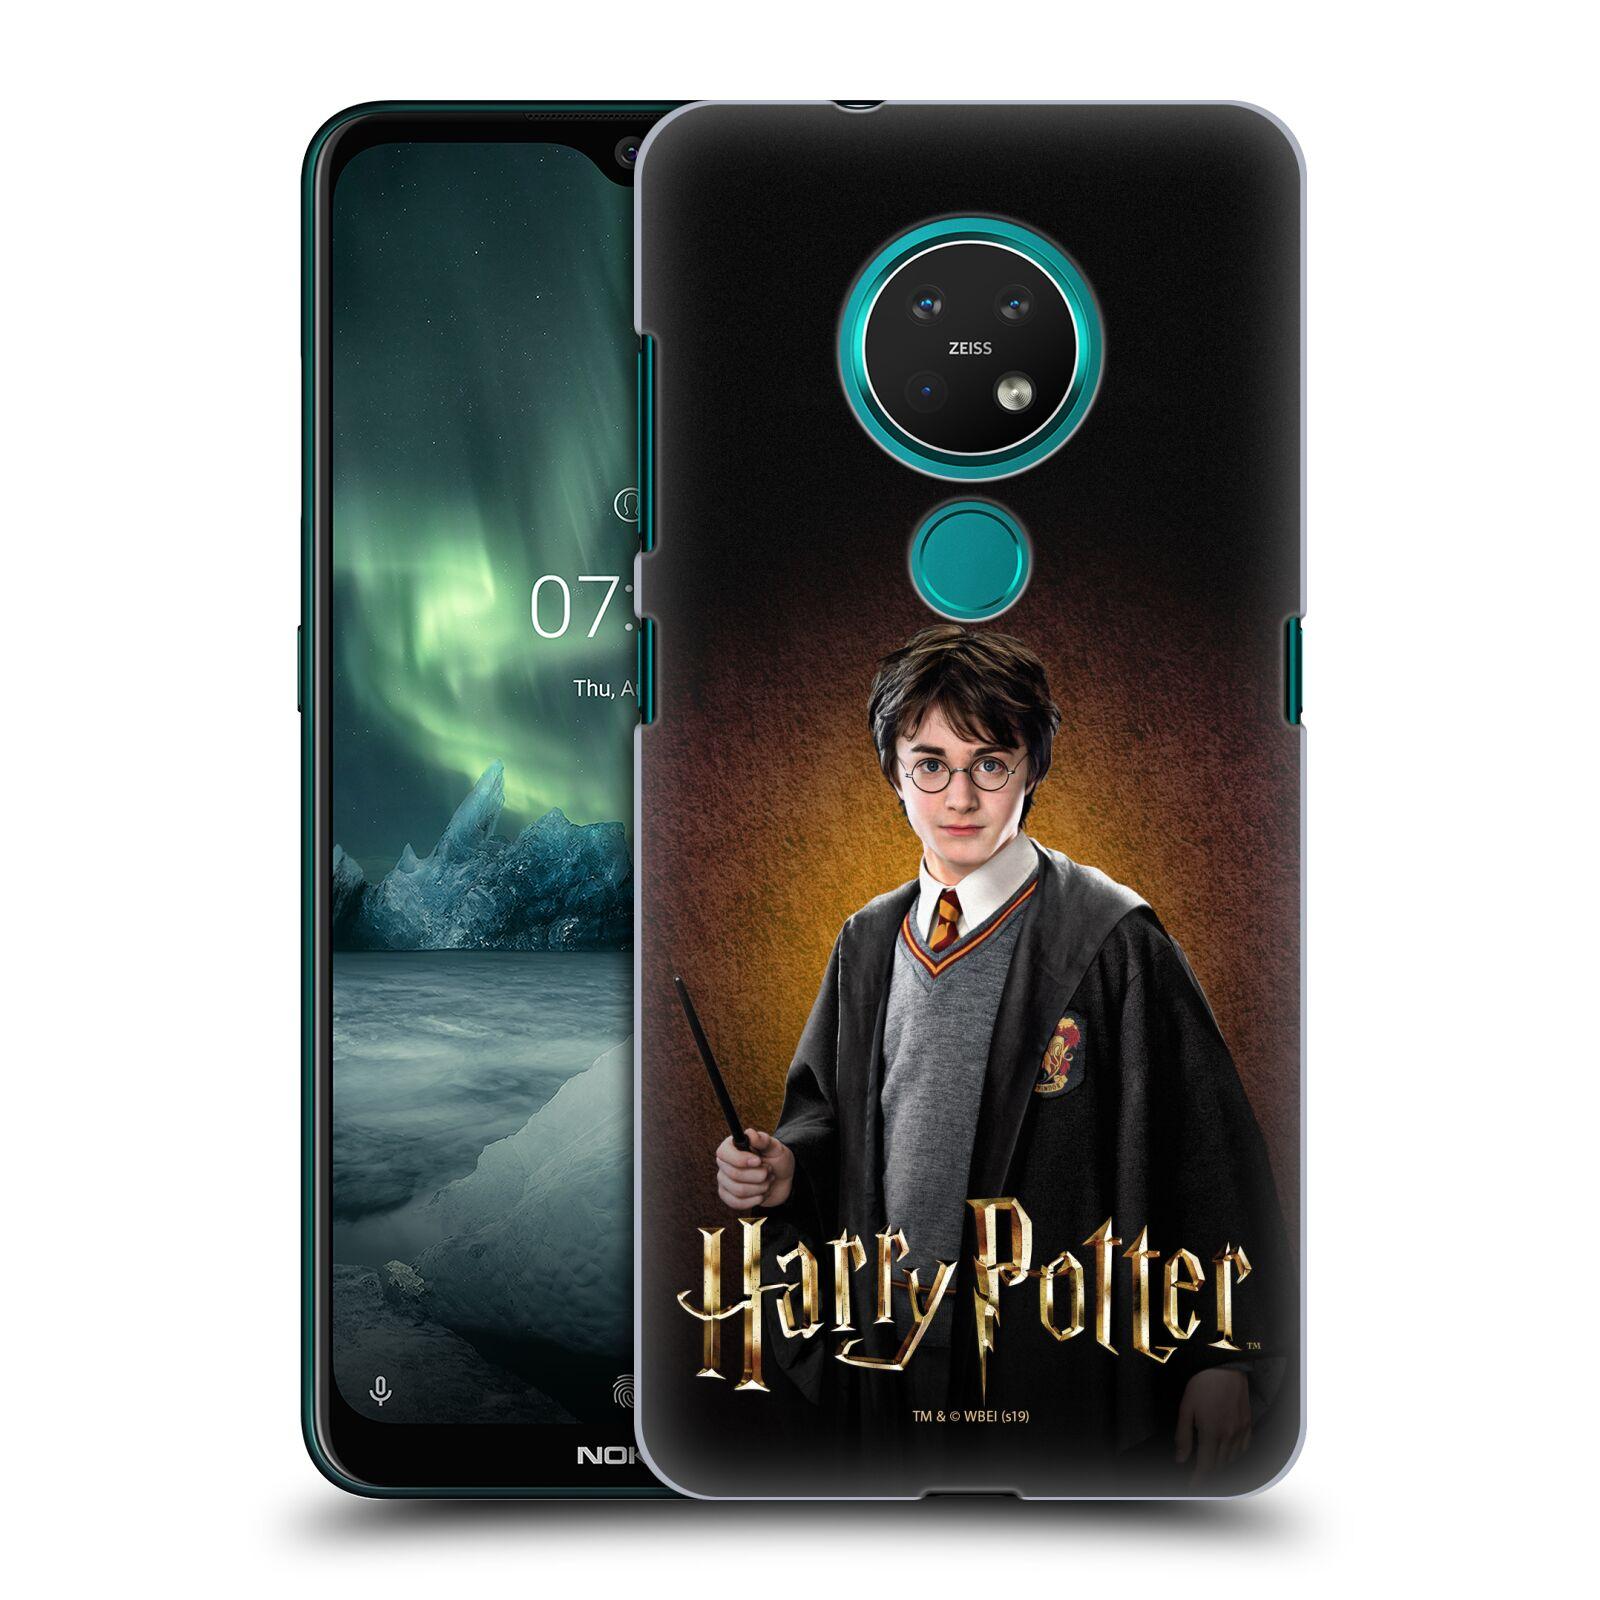 Plastové pouzdro na mobil Nokia 7.2 - Harry Potter - Malý Harry Potter